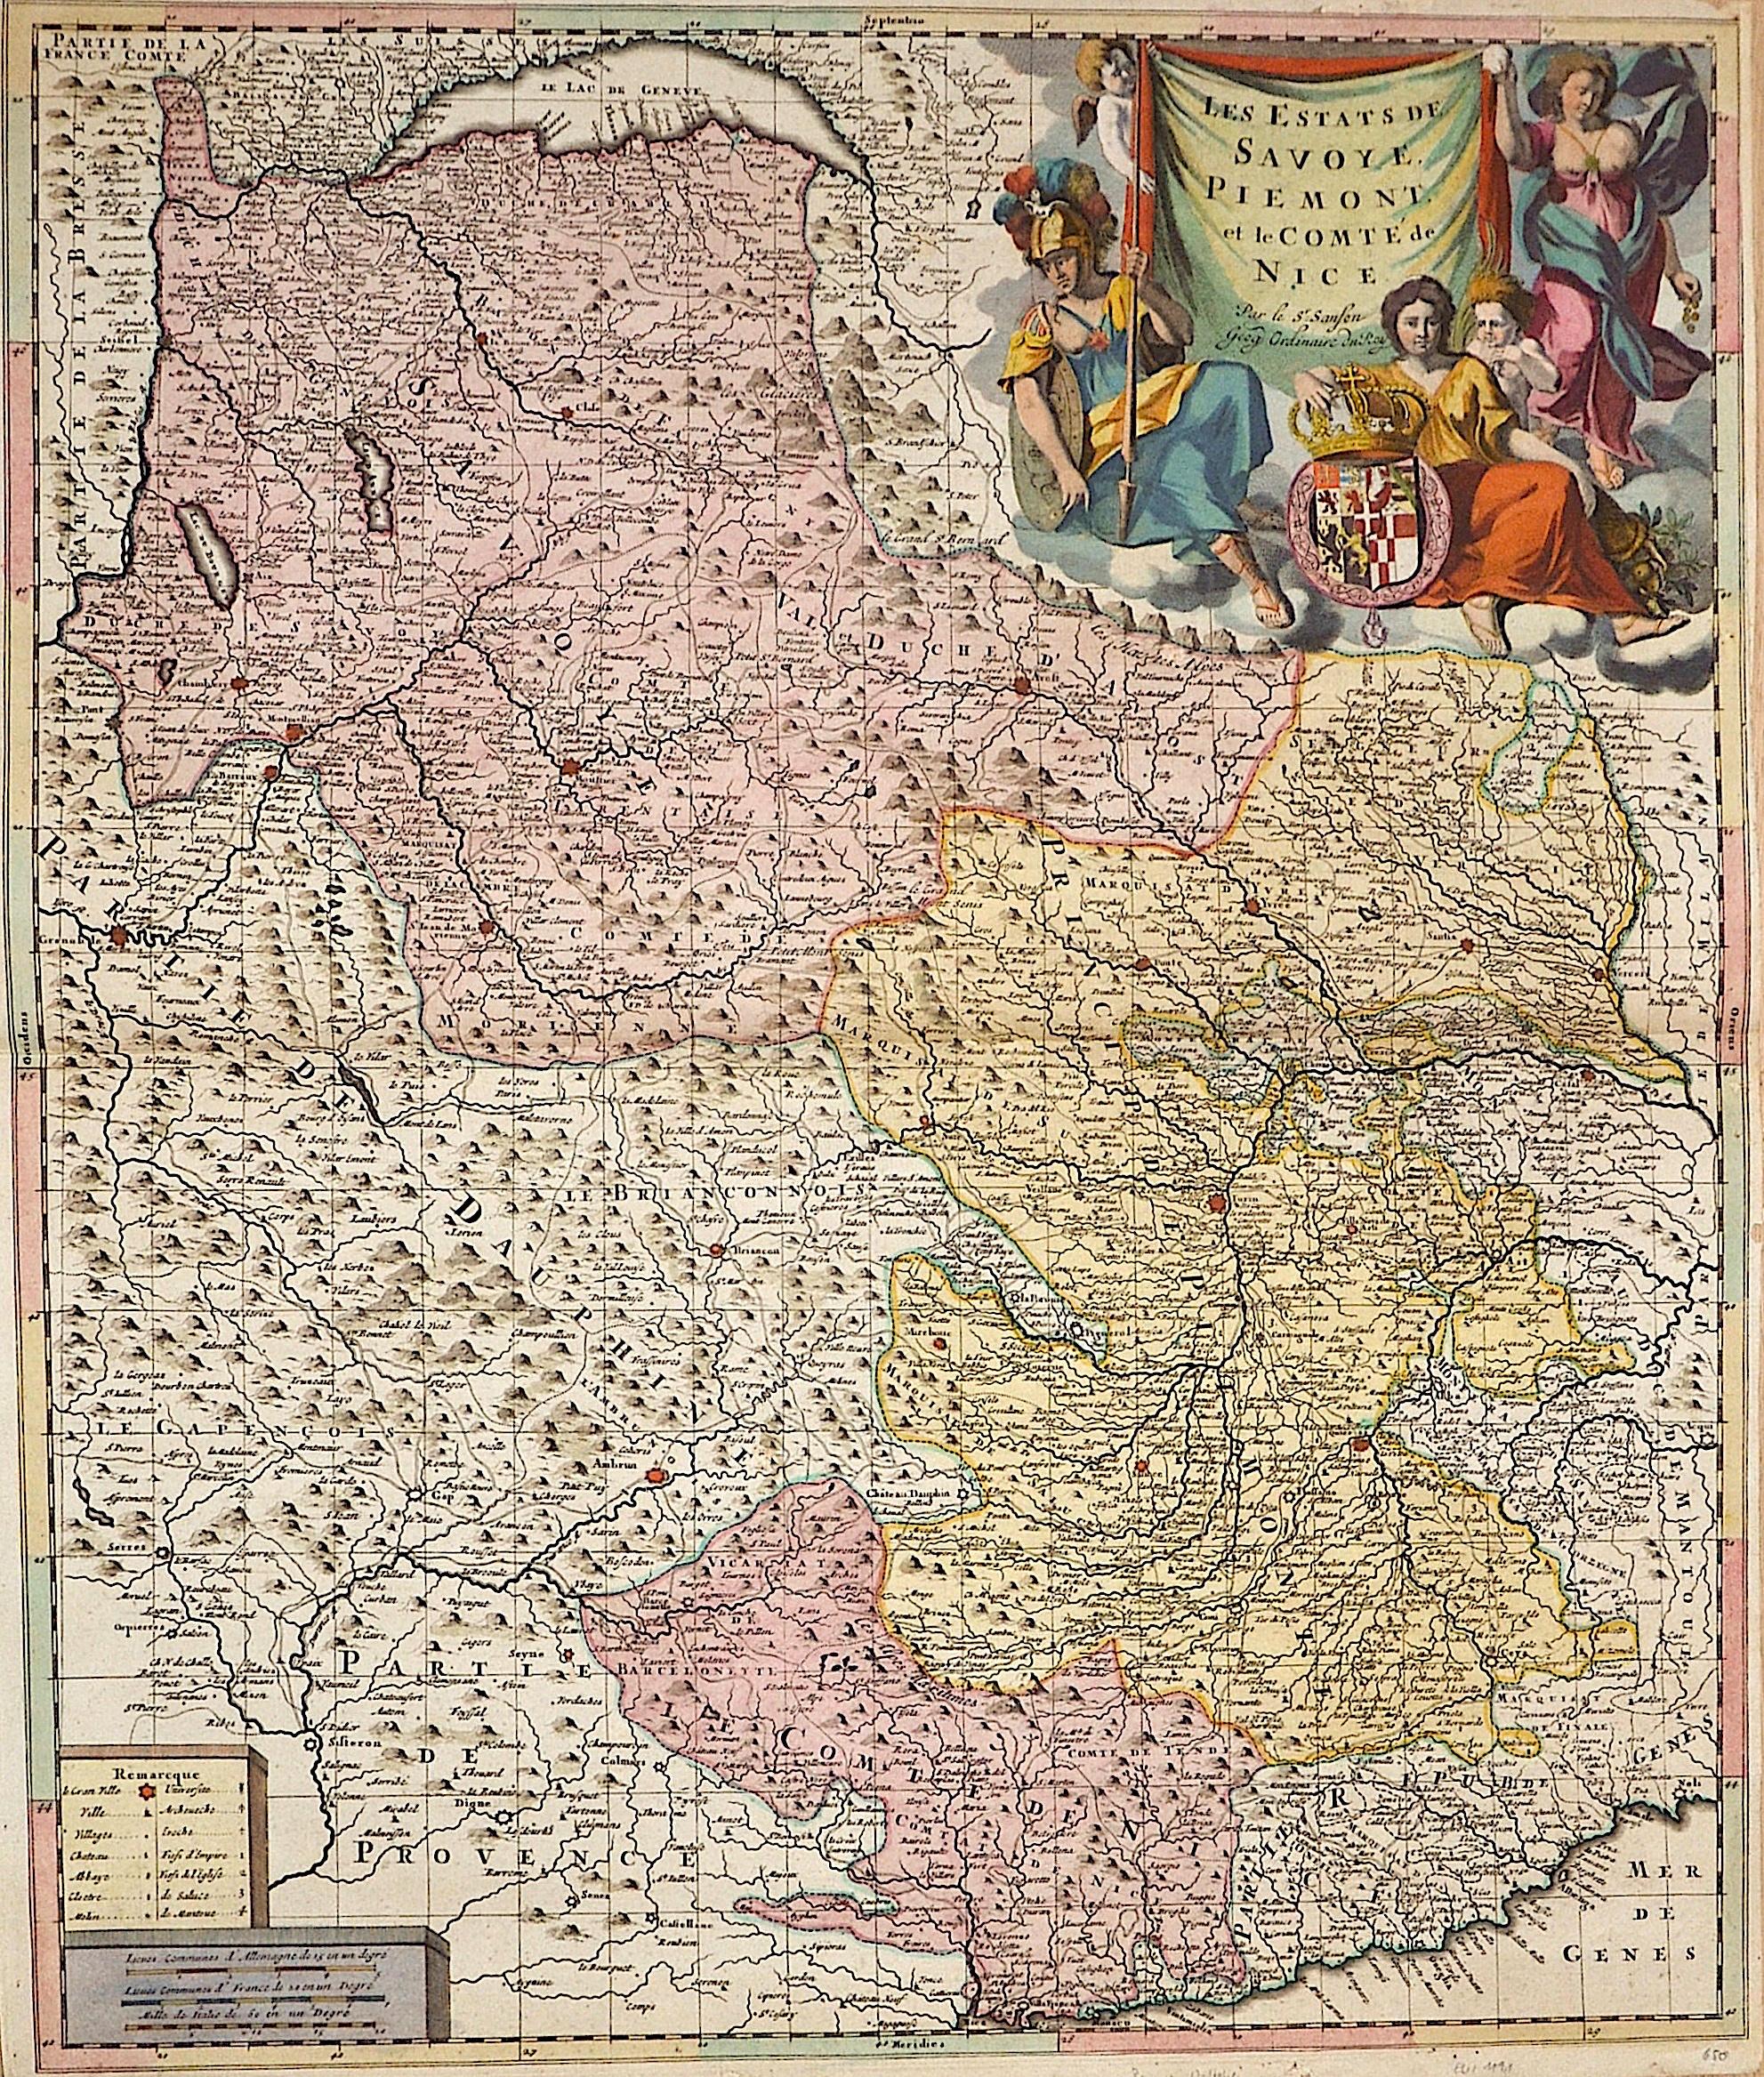 Sanson Nicolas Les Estats de Savoye, Piemont, et les copte de Nice